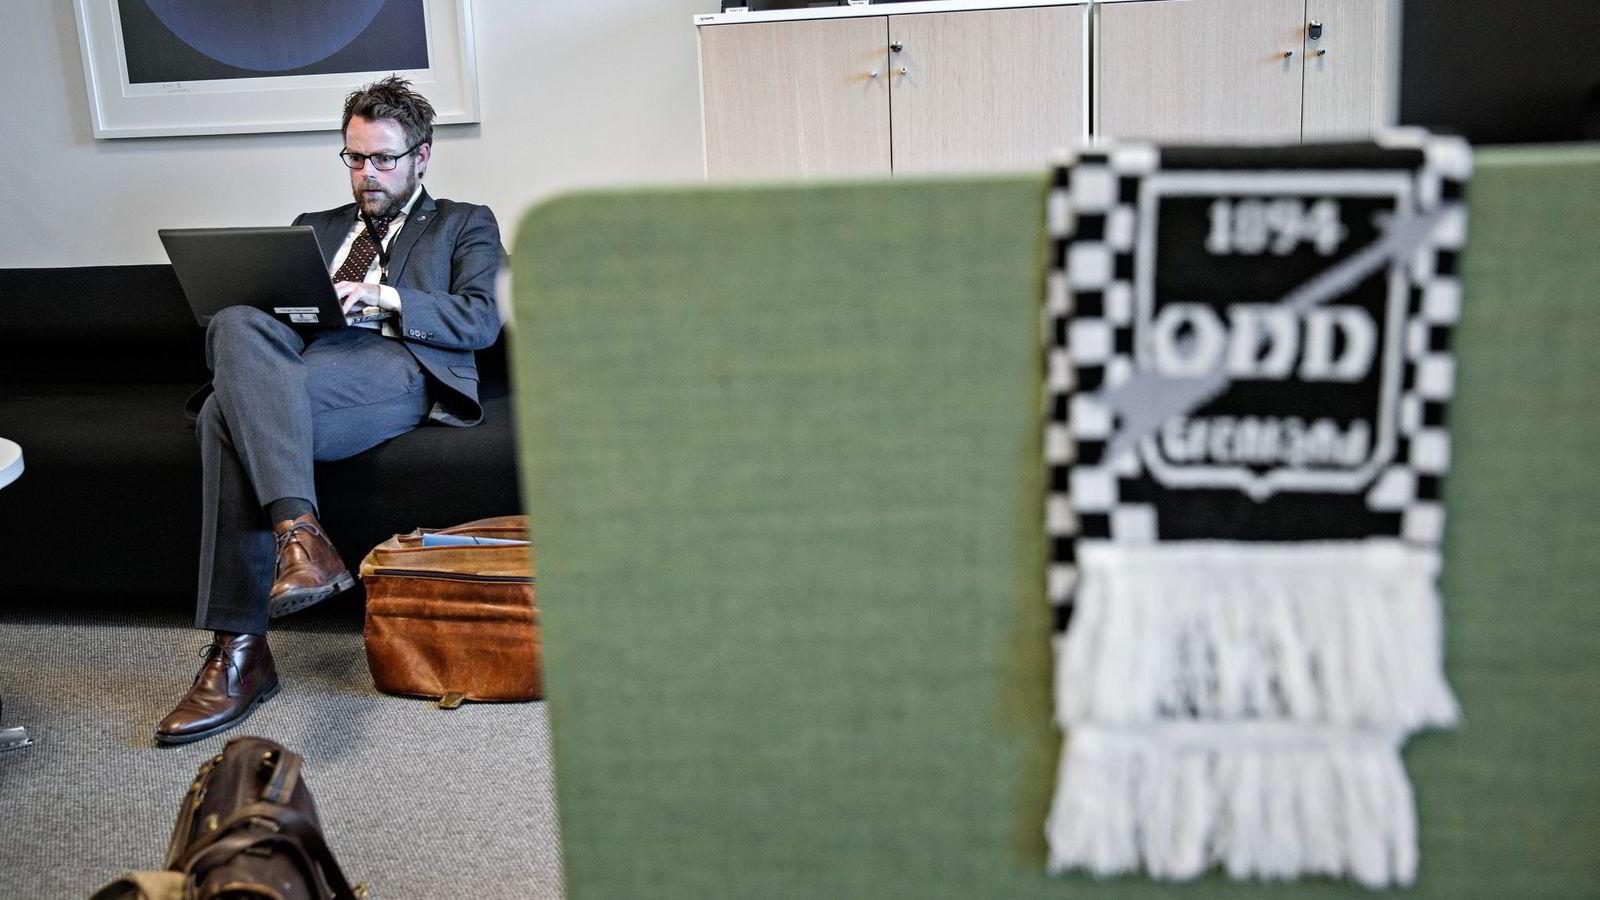 Leder i Høyres programkomité, Torbjørn Røe Isaksen, forteller at partiet spisser programmet på kommunereformen, og vil ha kommuner enn det som det ligger an til nå. Men begeistringen for fotballaget Odd er stabil. Foto: Aleksander Nordahl